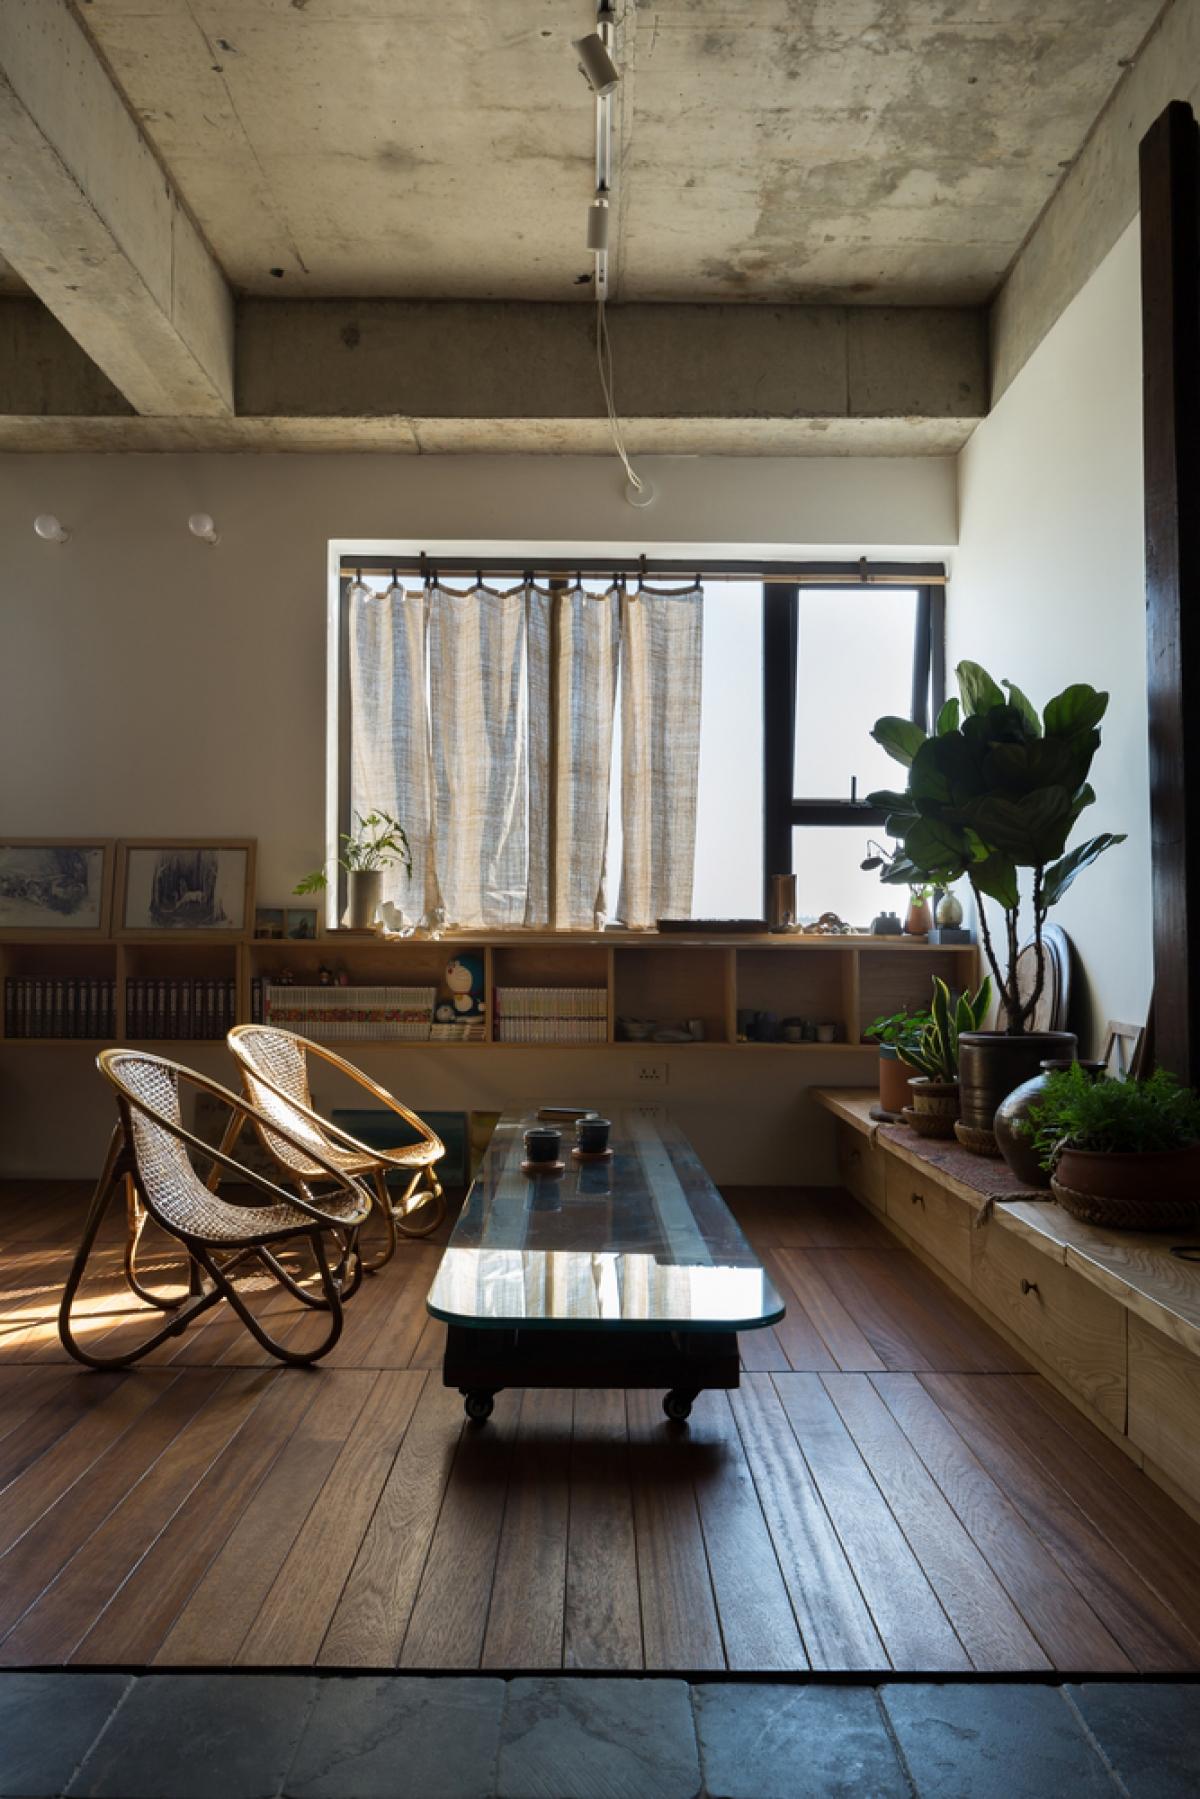 Bàn thấp để khách có thể lựa chọn giữa ngồi trên sàn nhà hoặc ngồi ghế mây.